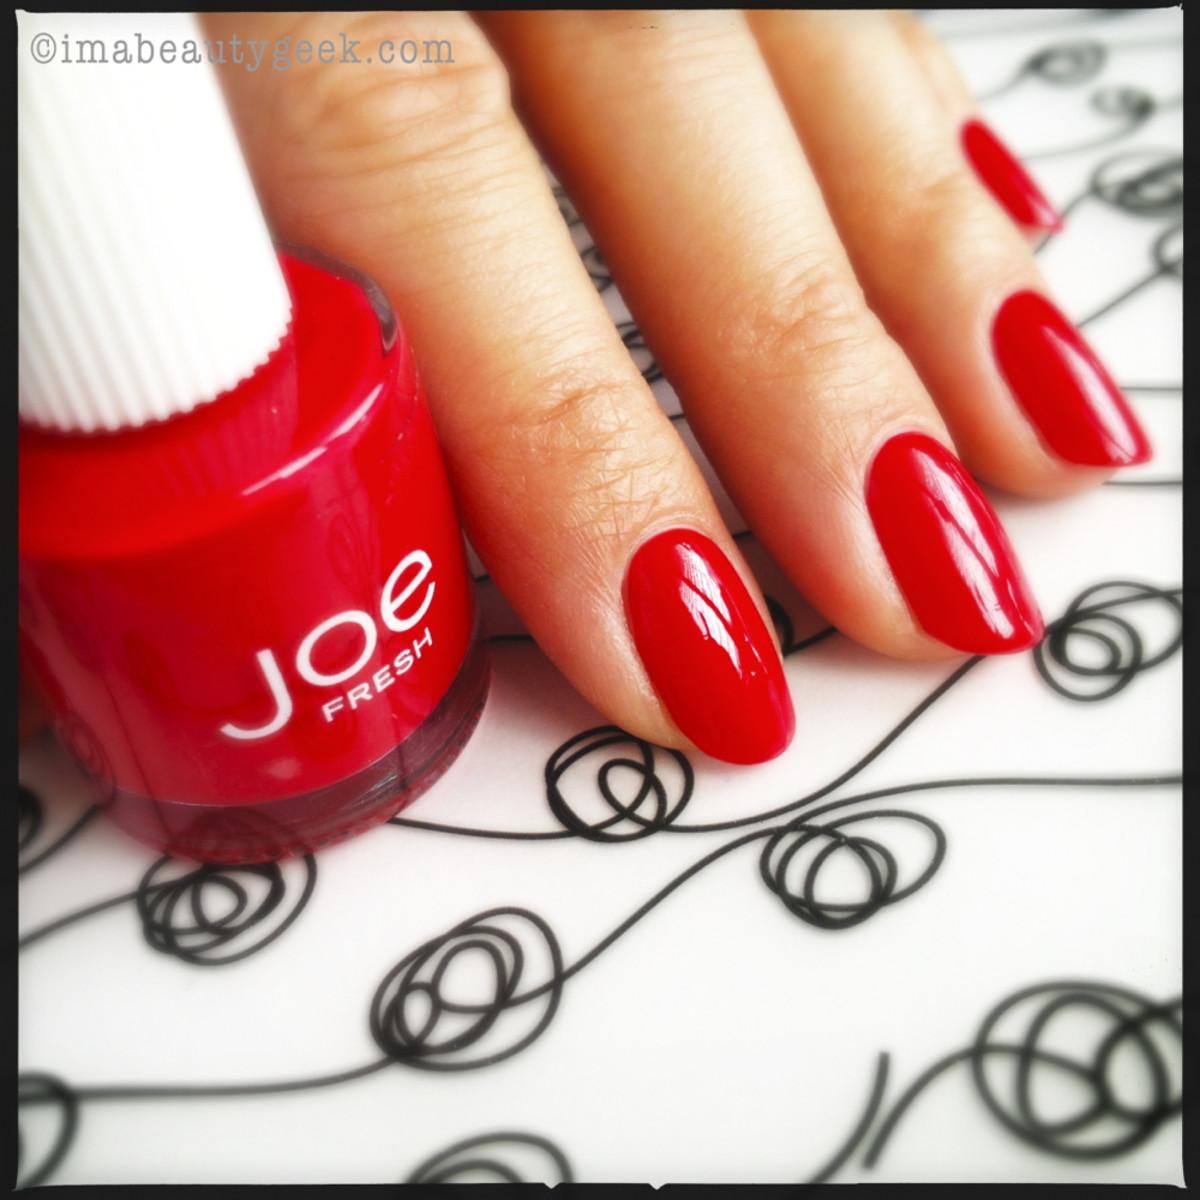 Joe Fresh Nail Polish Rouge